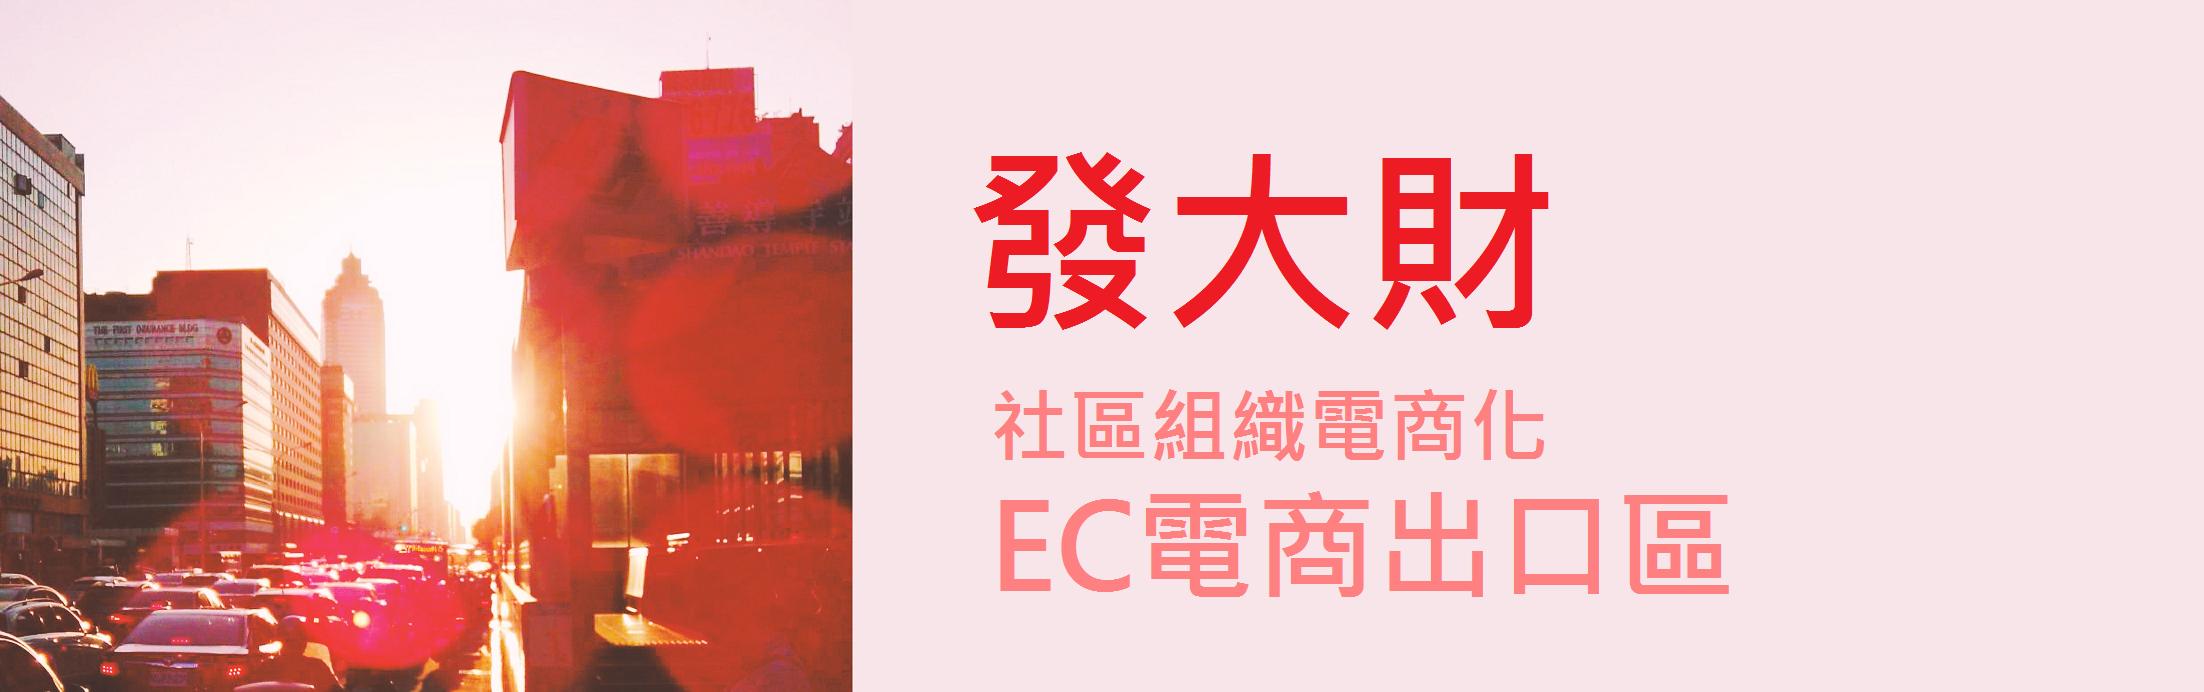 網聚 在地發大財 社區組織電商化 EC電商出口區